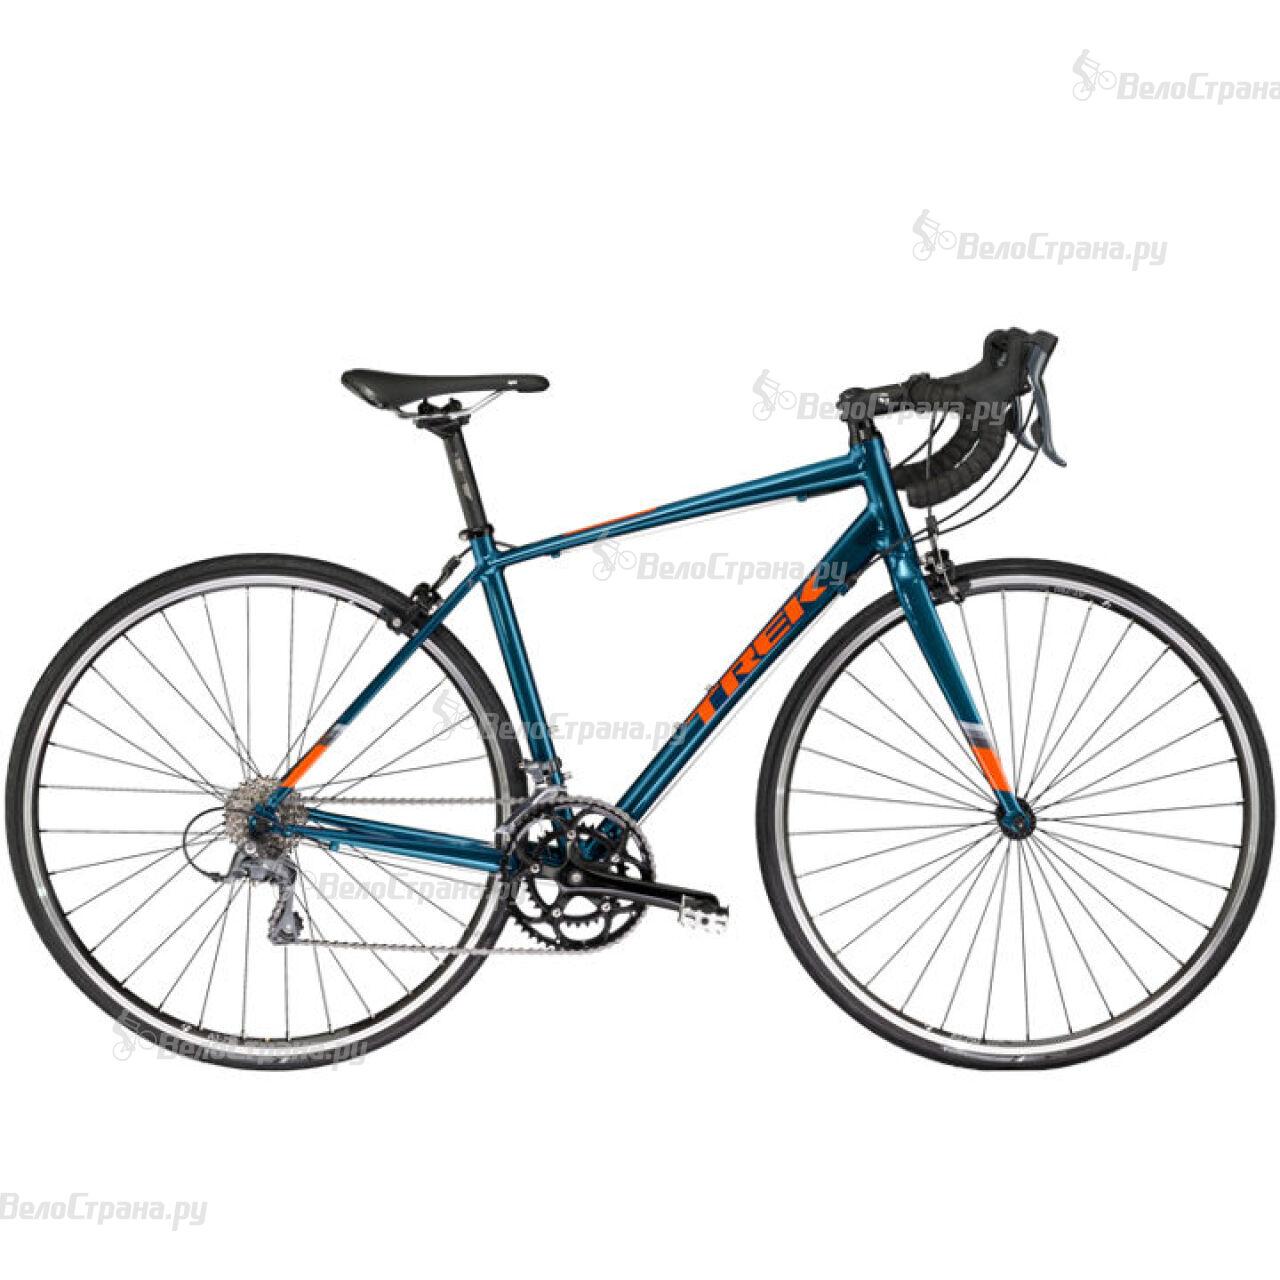 Велосипед Trek Lexa 2 (2017) велосипед trek lexa s 2013